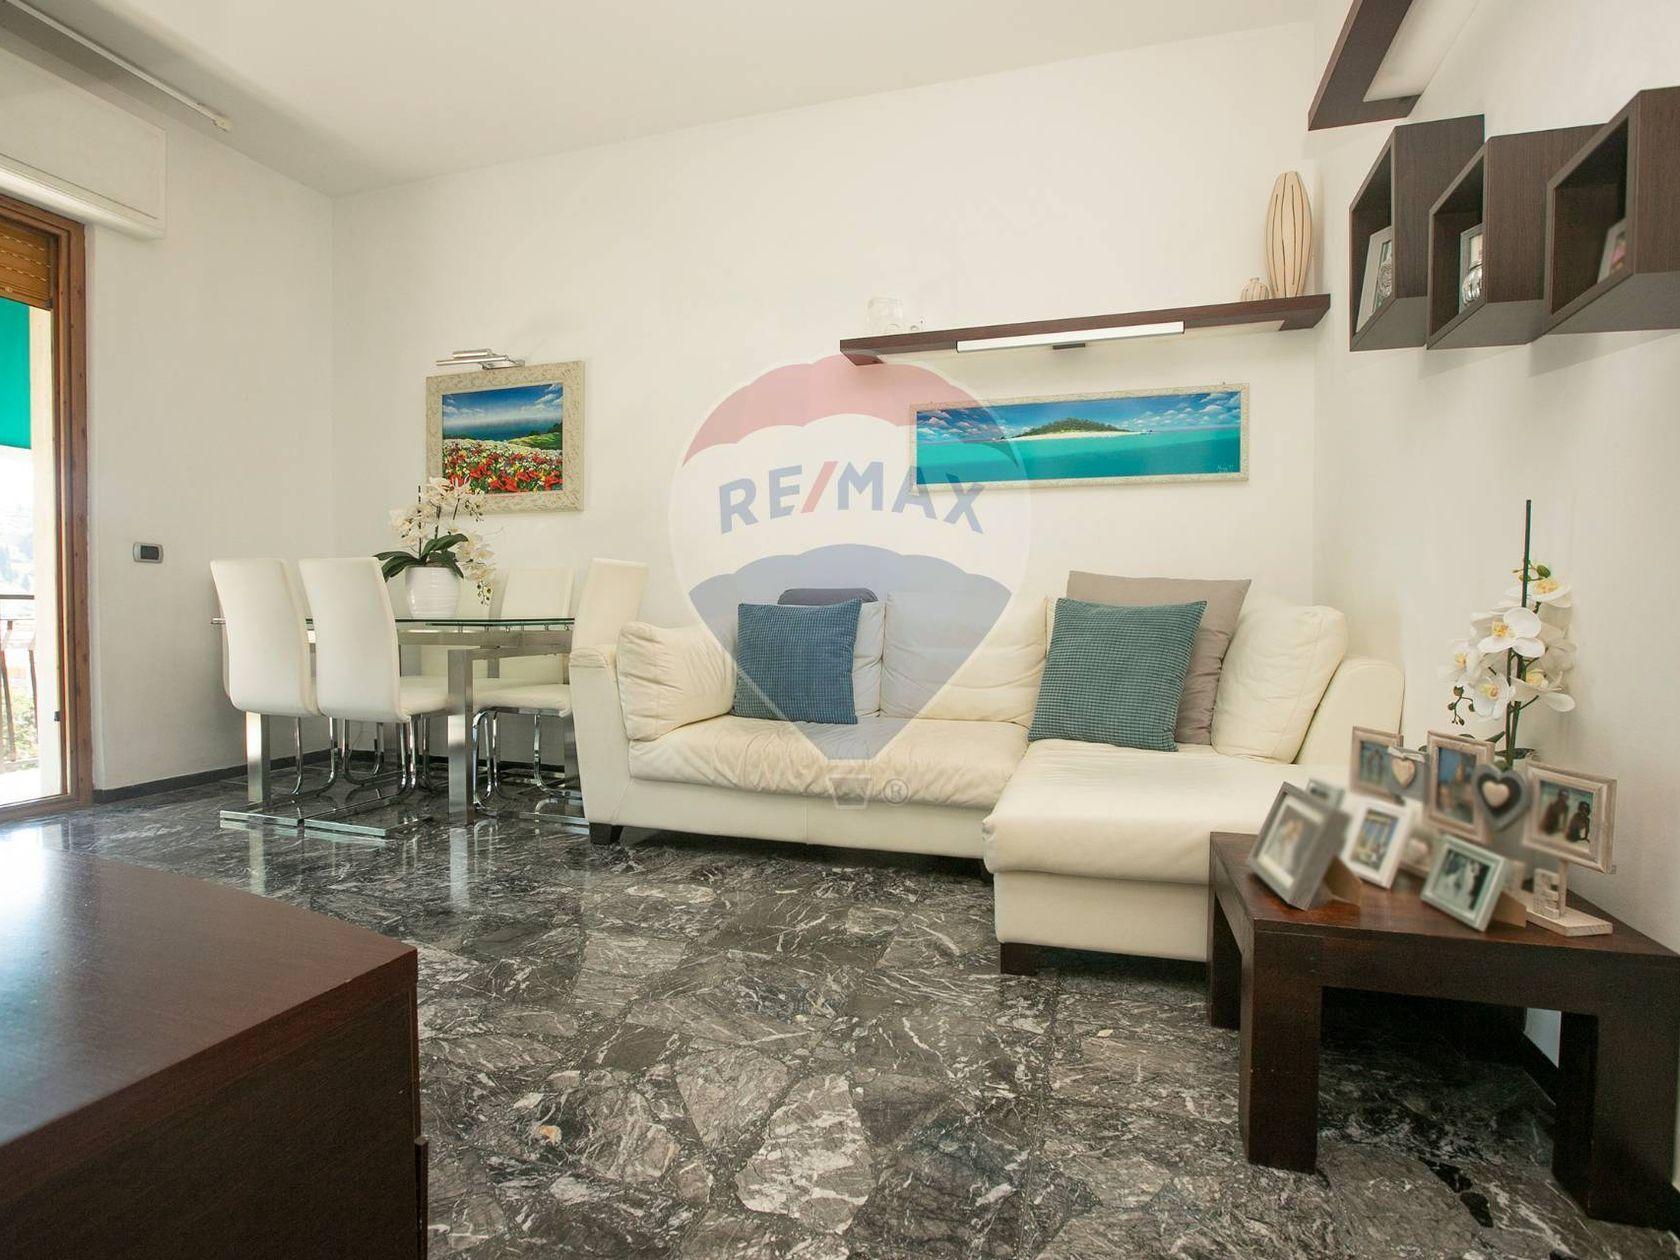 Agenzie Immobiliari A Rapallo appartamento in vendita rapallo 21711052-461 | re/max italia